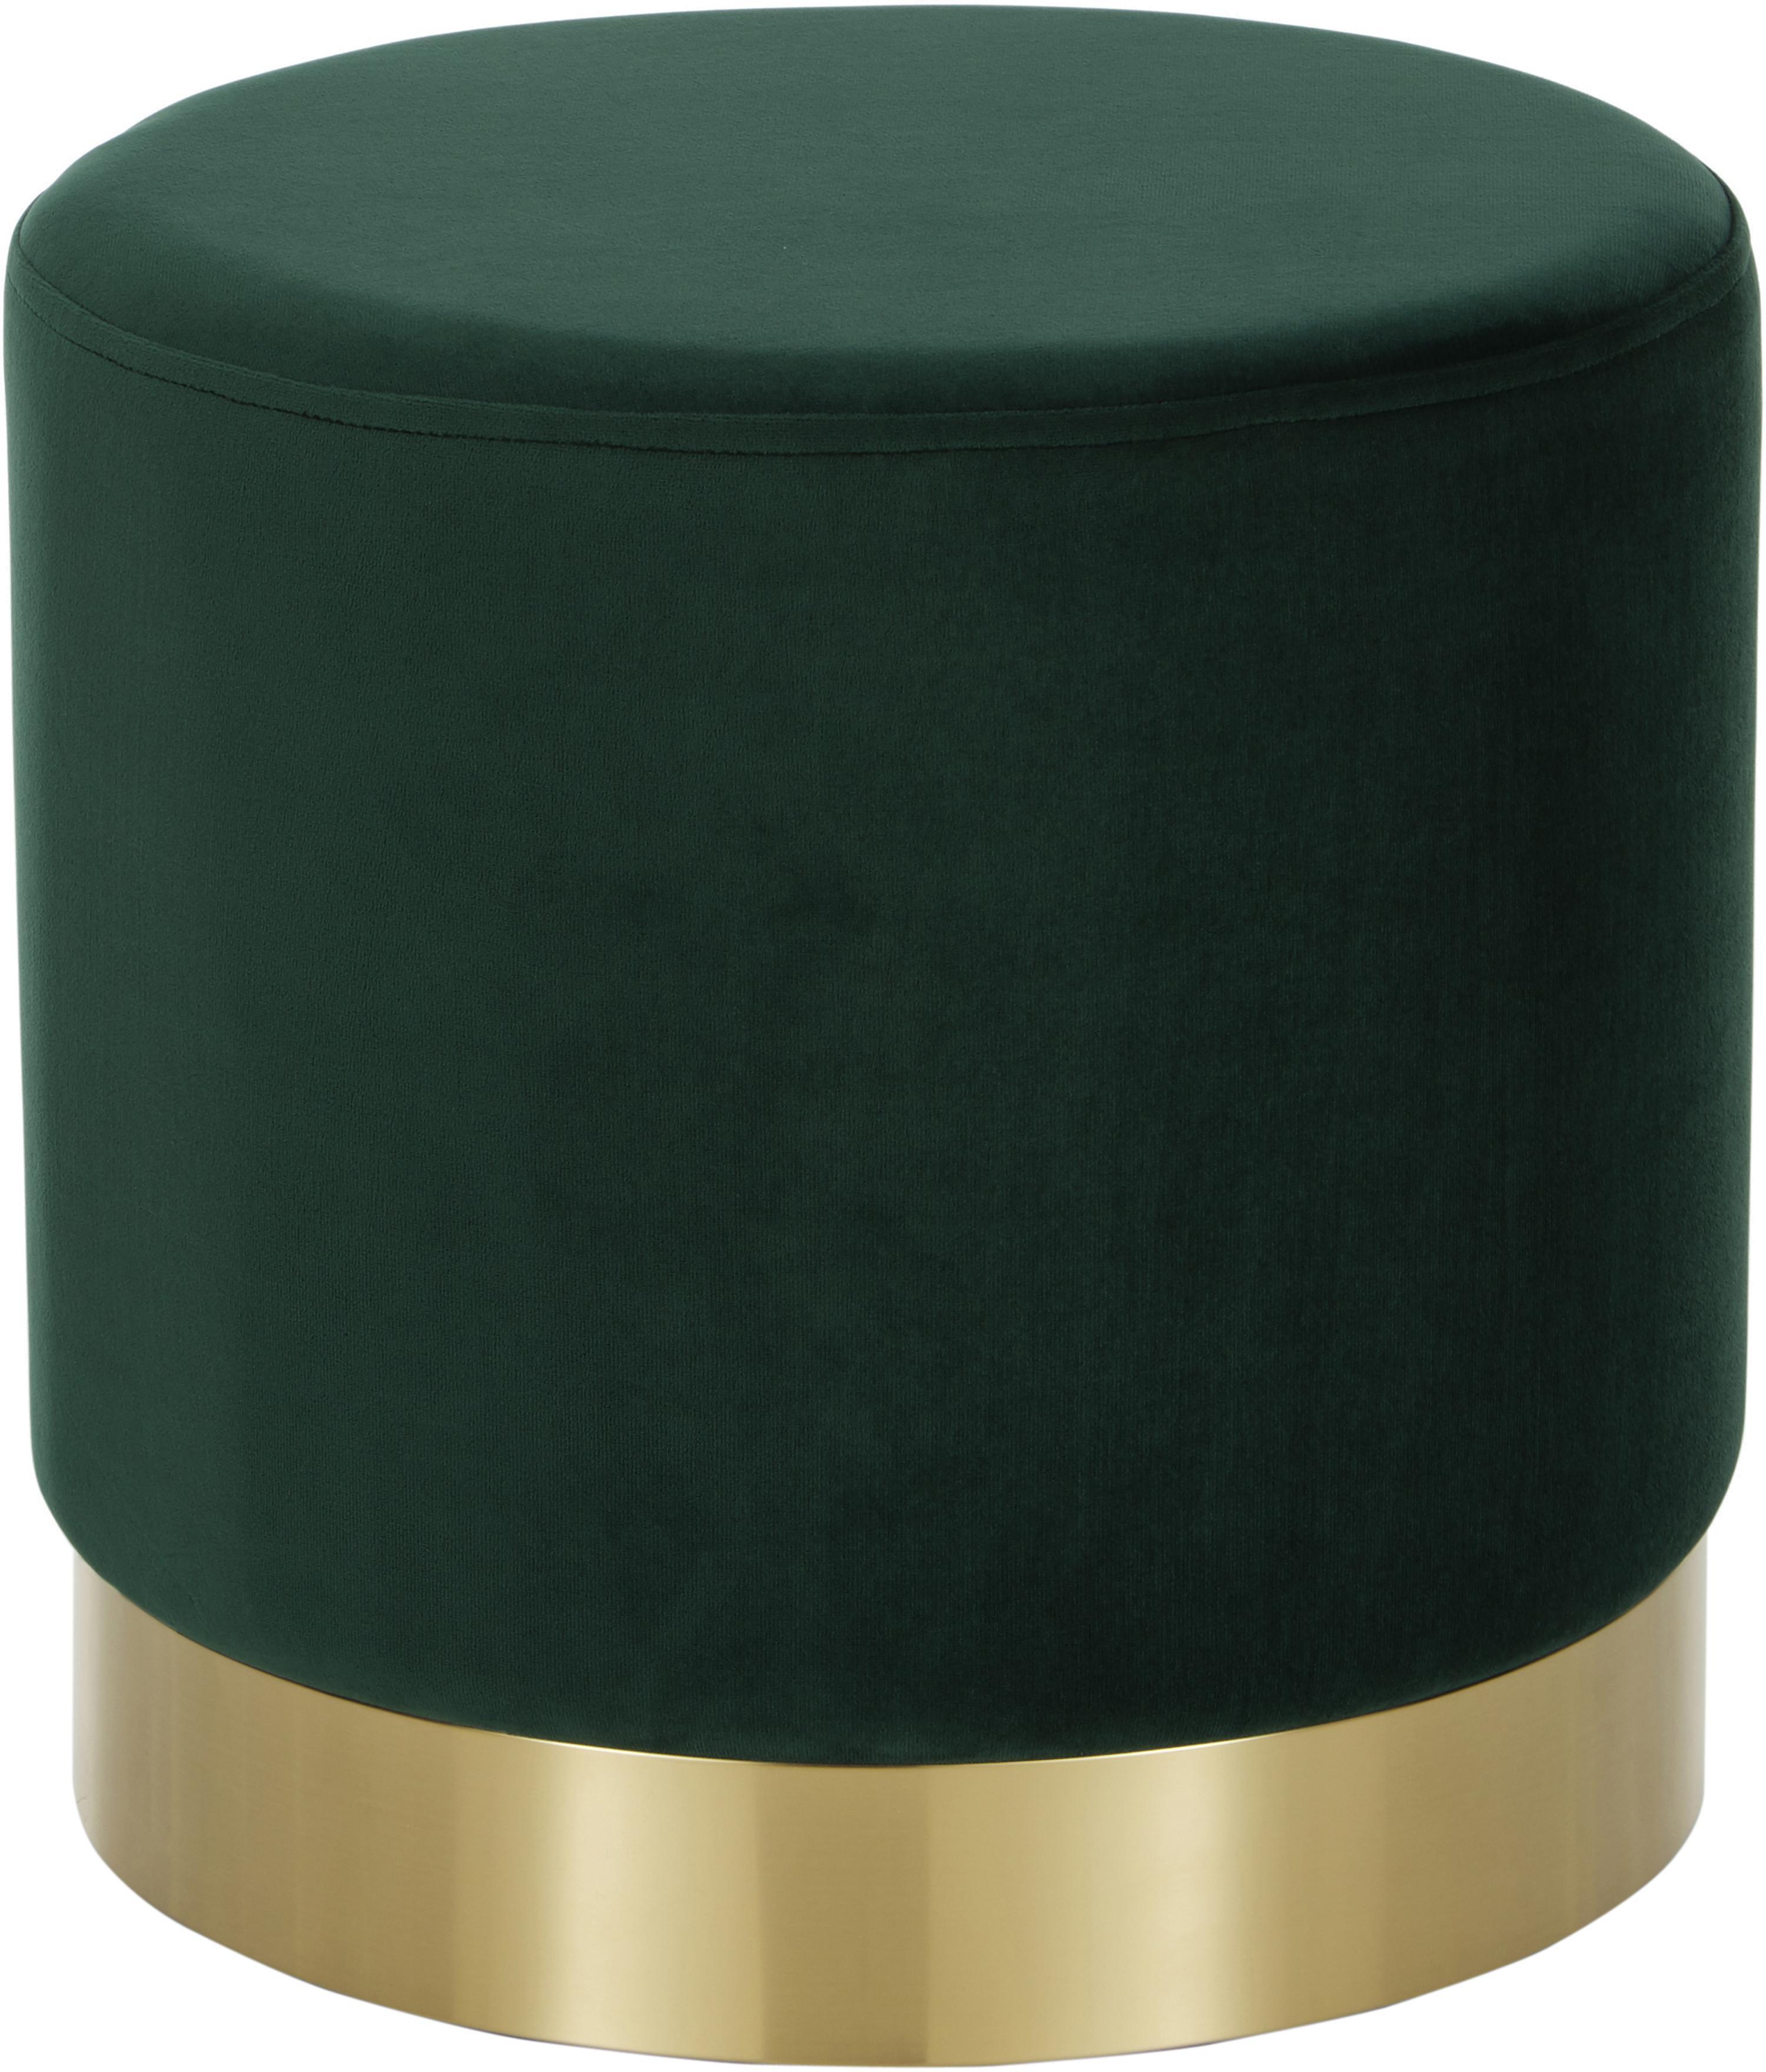 Puf de terciopelo Orchid, Tapizado: terciopelo (poliéster) Al, Estructura: tablero de fibras de dens, Verde claro, dorado, Ø 40 x Al 39 cm